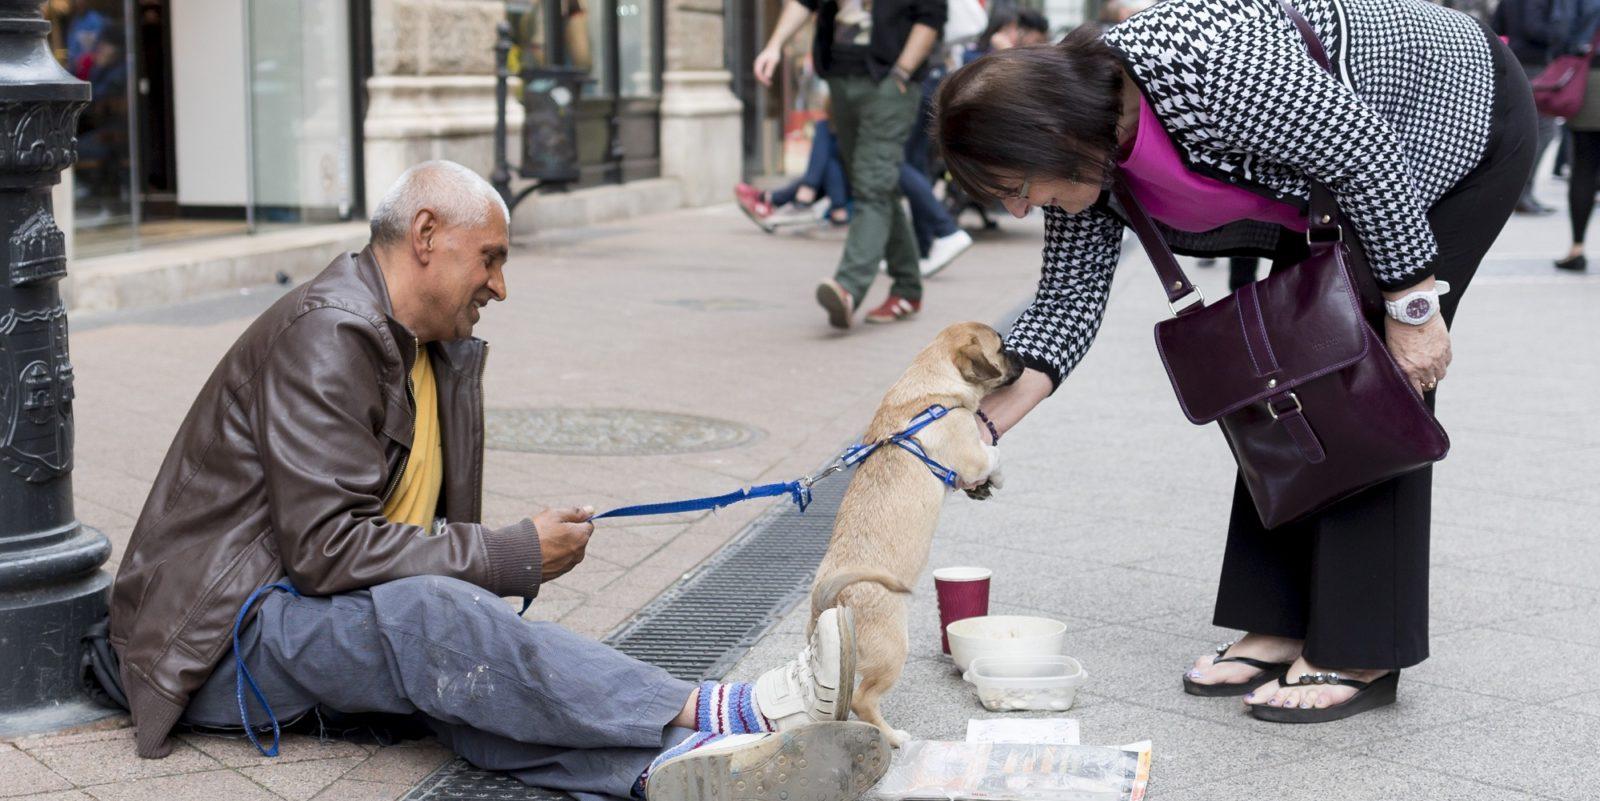 Zdjecie bezdomnego z psem, przy ktorych zatrzymala sie kobieta. Ona bawi się z psem, on siedzi na ulicy. Pies szczeniaczek, jest trzymany na smycyz przez bezdomnego